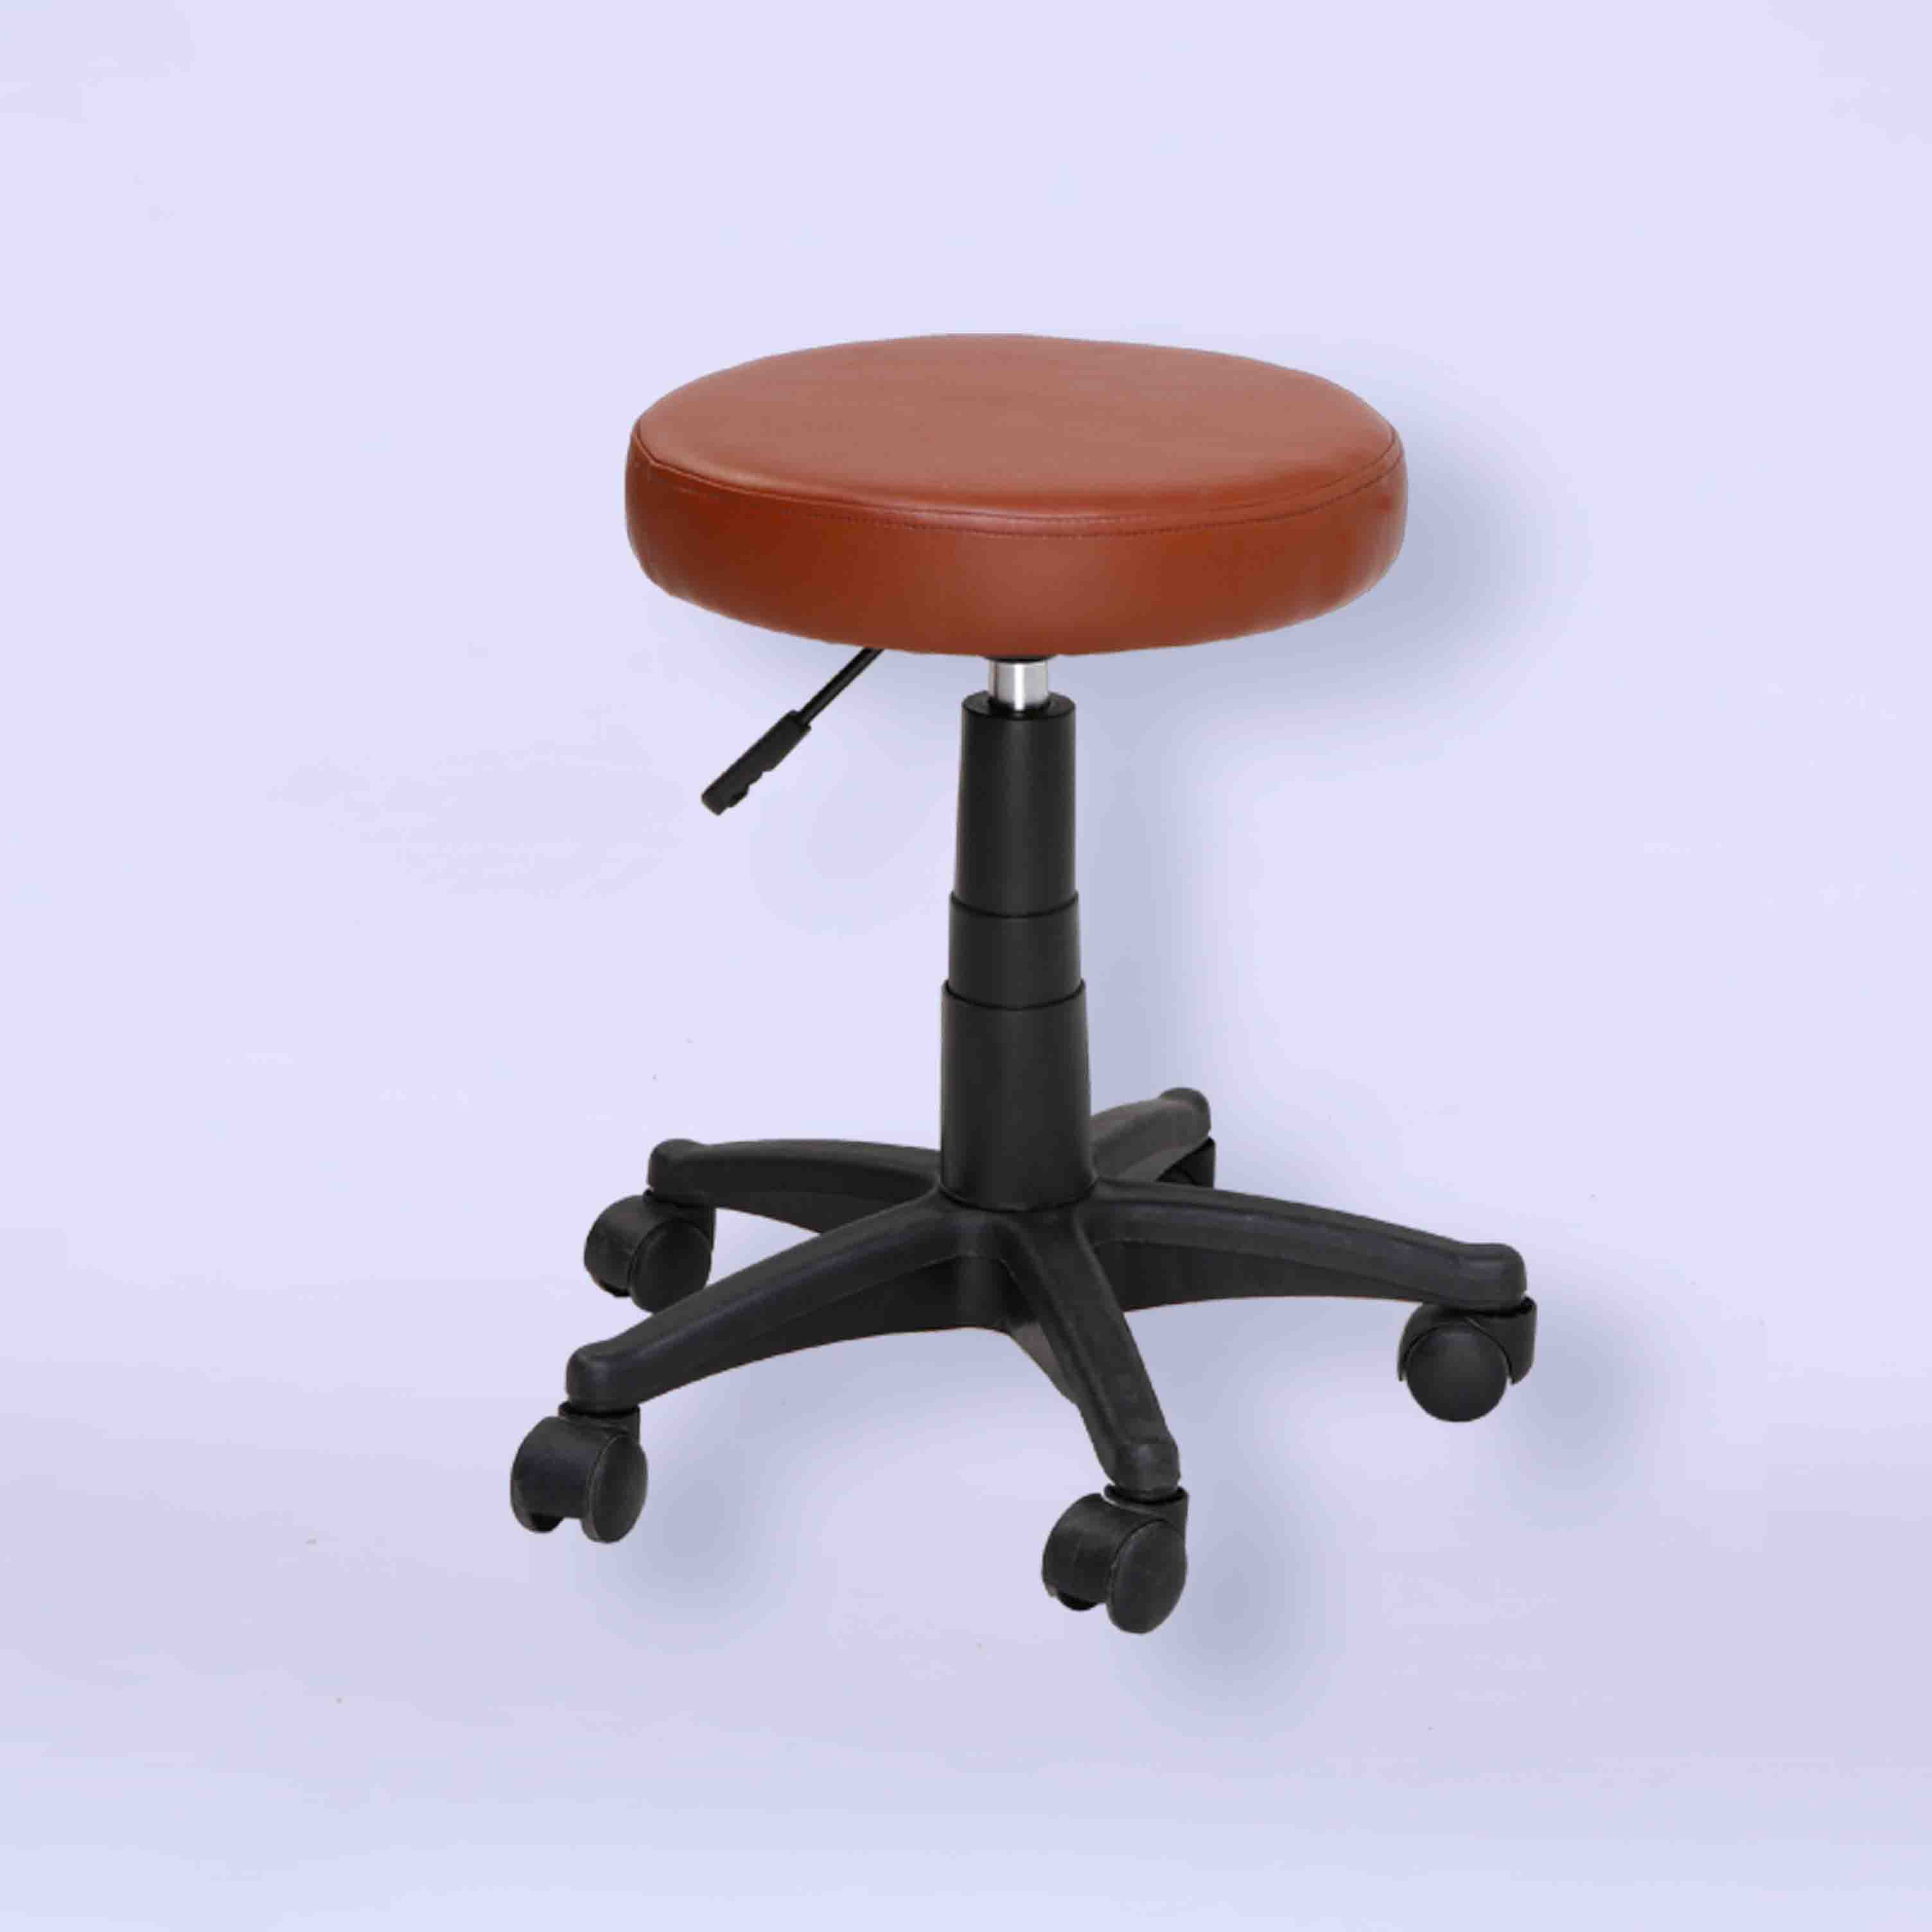 Adjustable foot stool